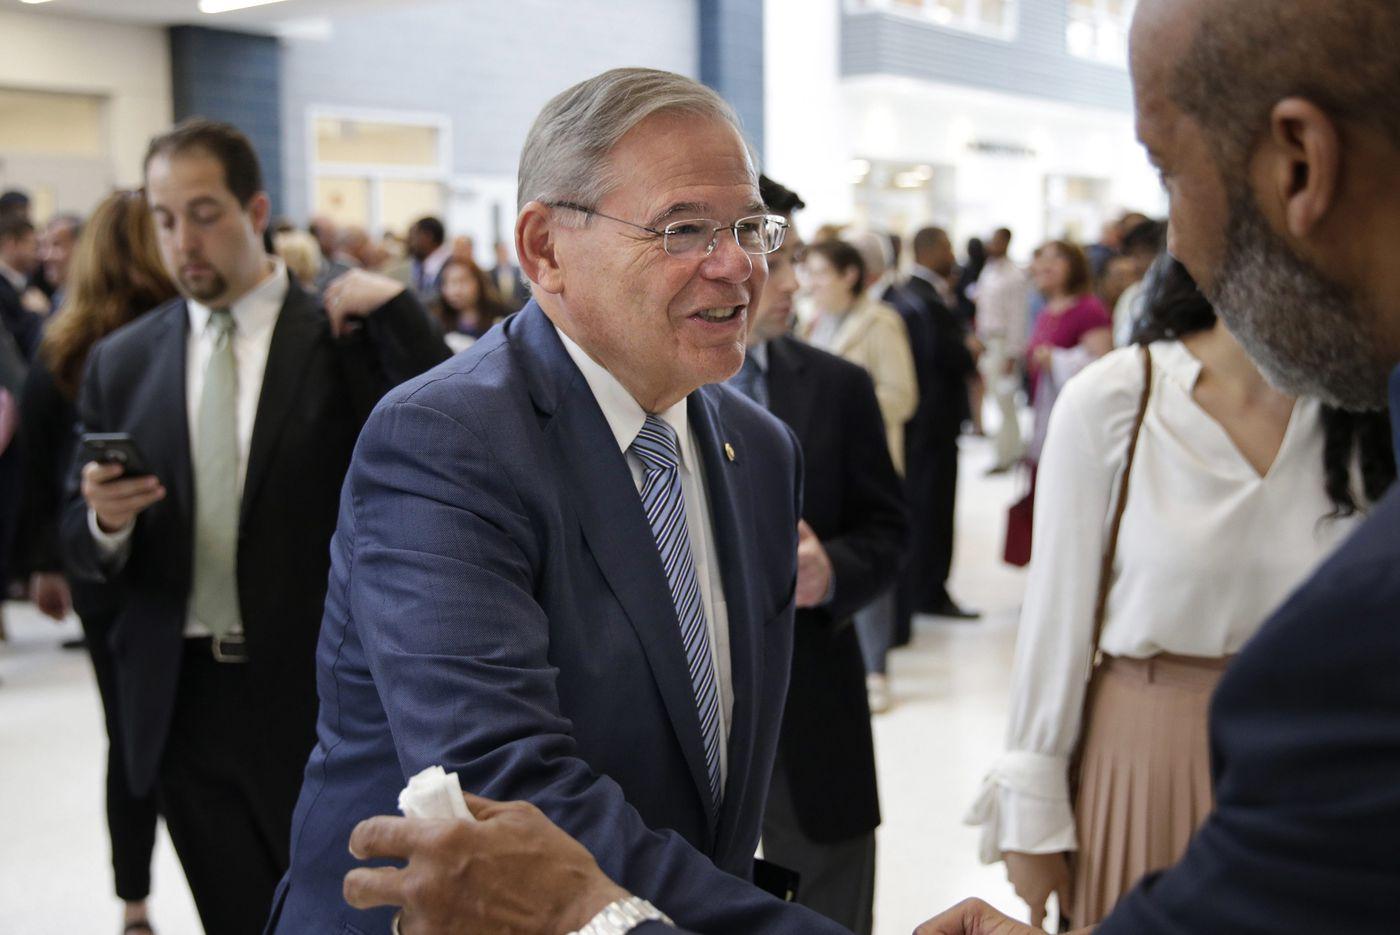 Could the GOP take out New Jersey Sen. Bob Menendez?